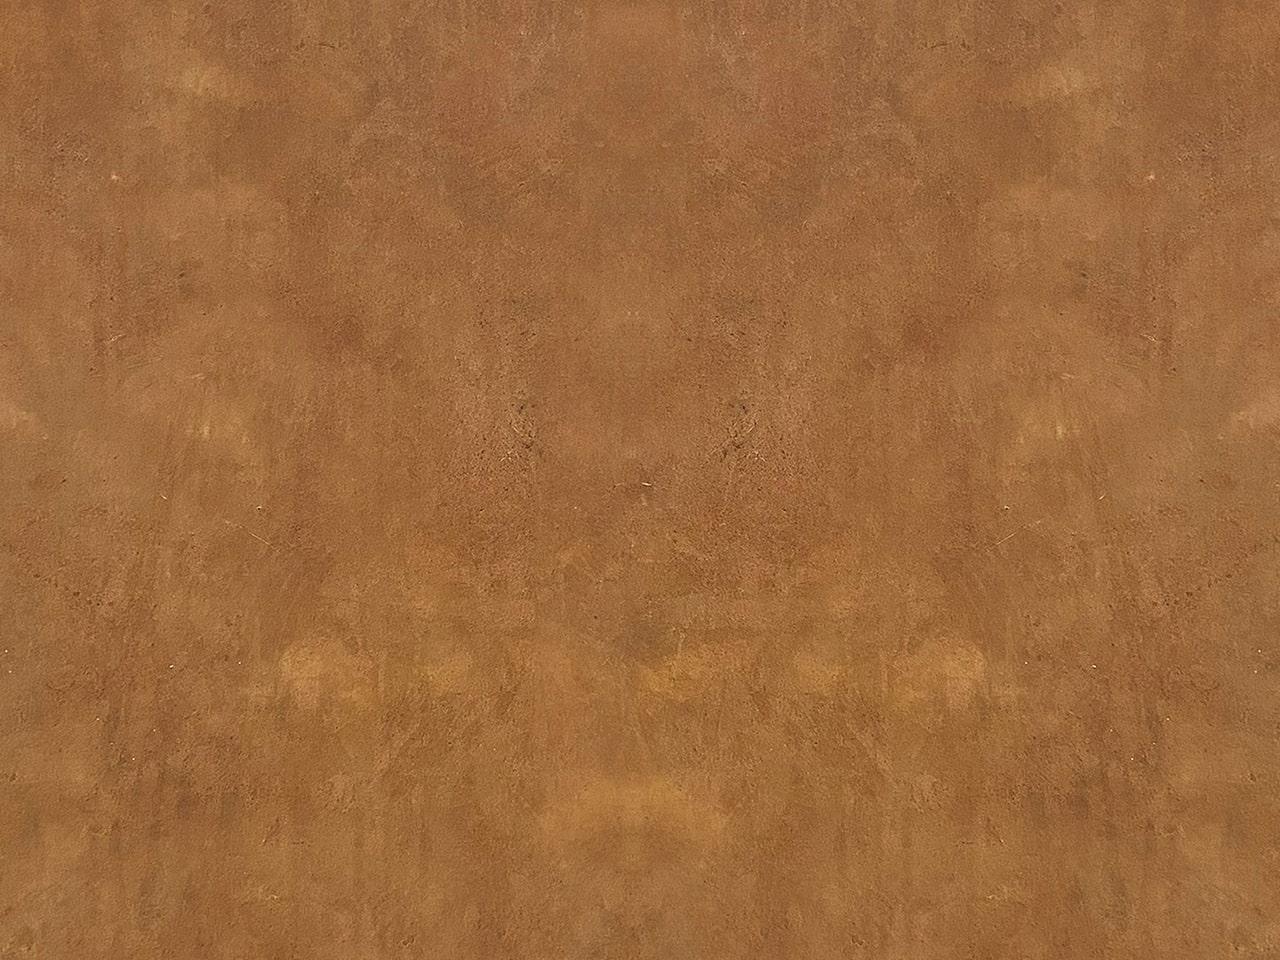 sơn giả bê tông rust 04ff - r04ff